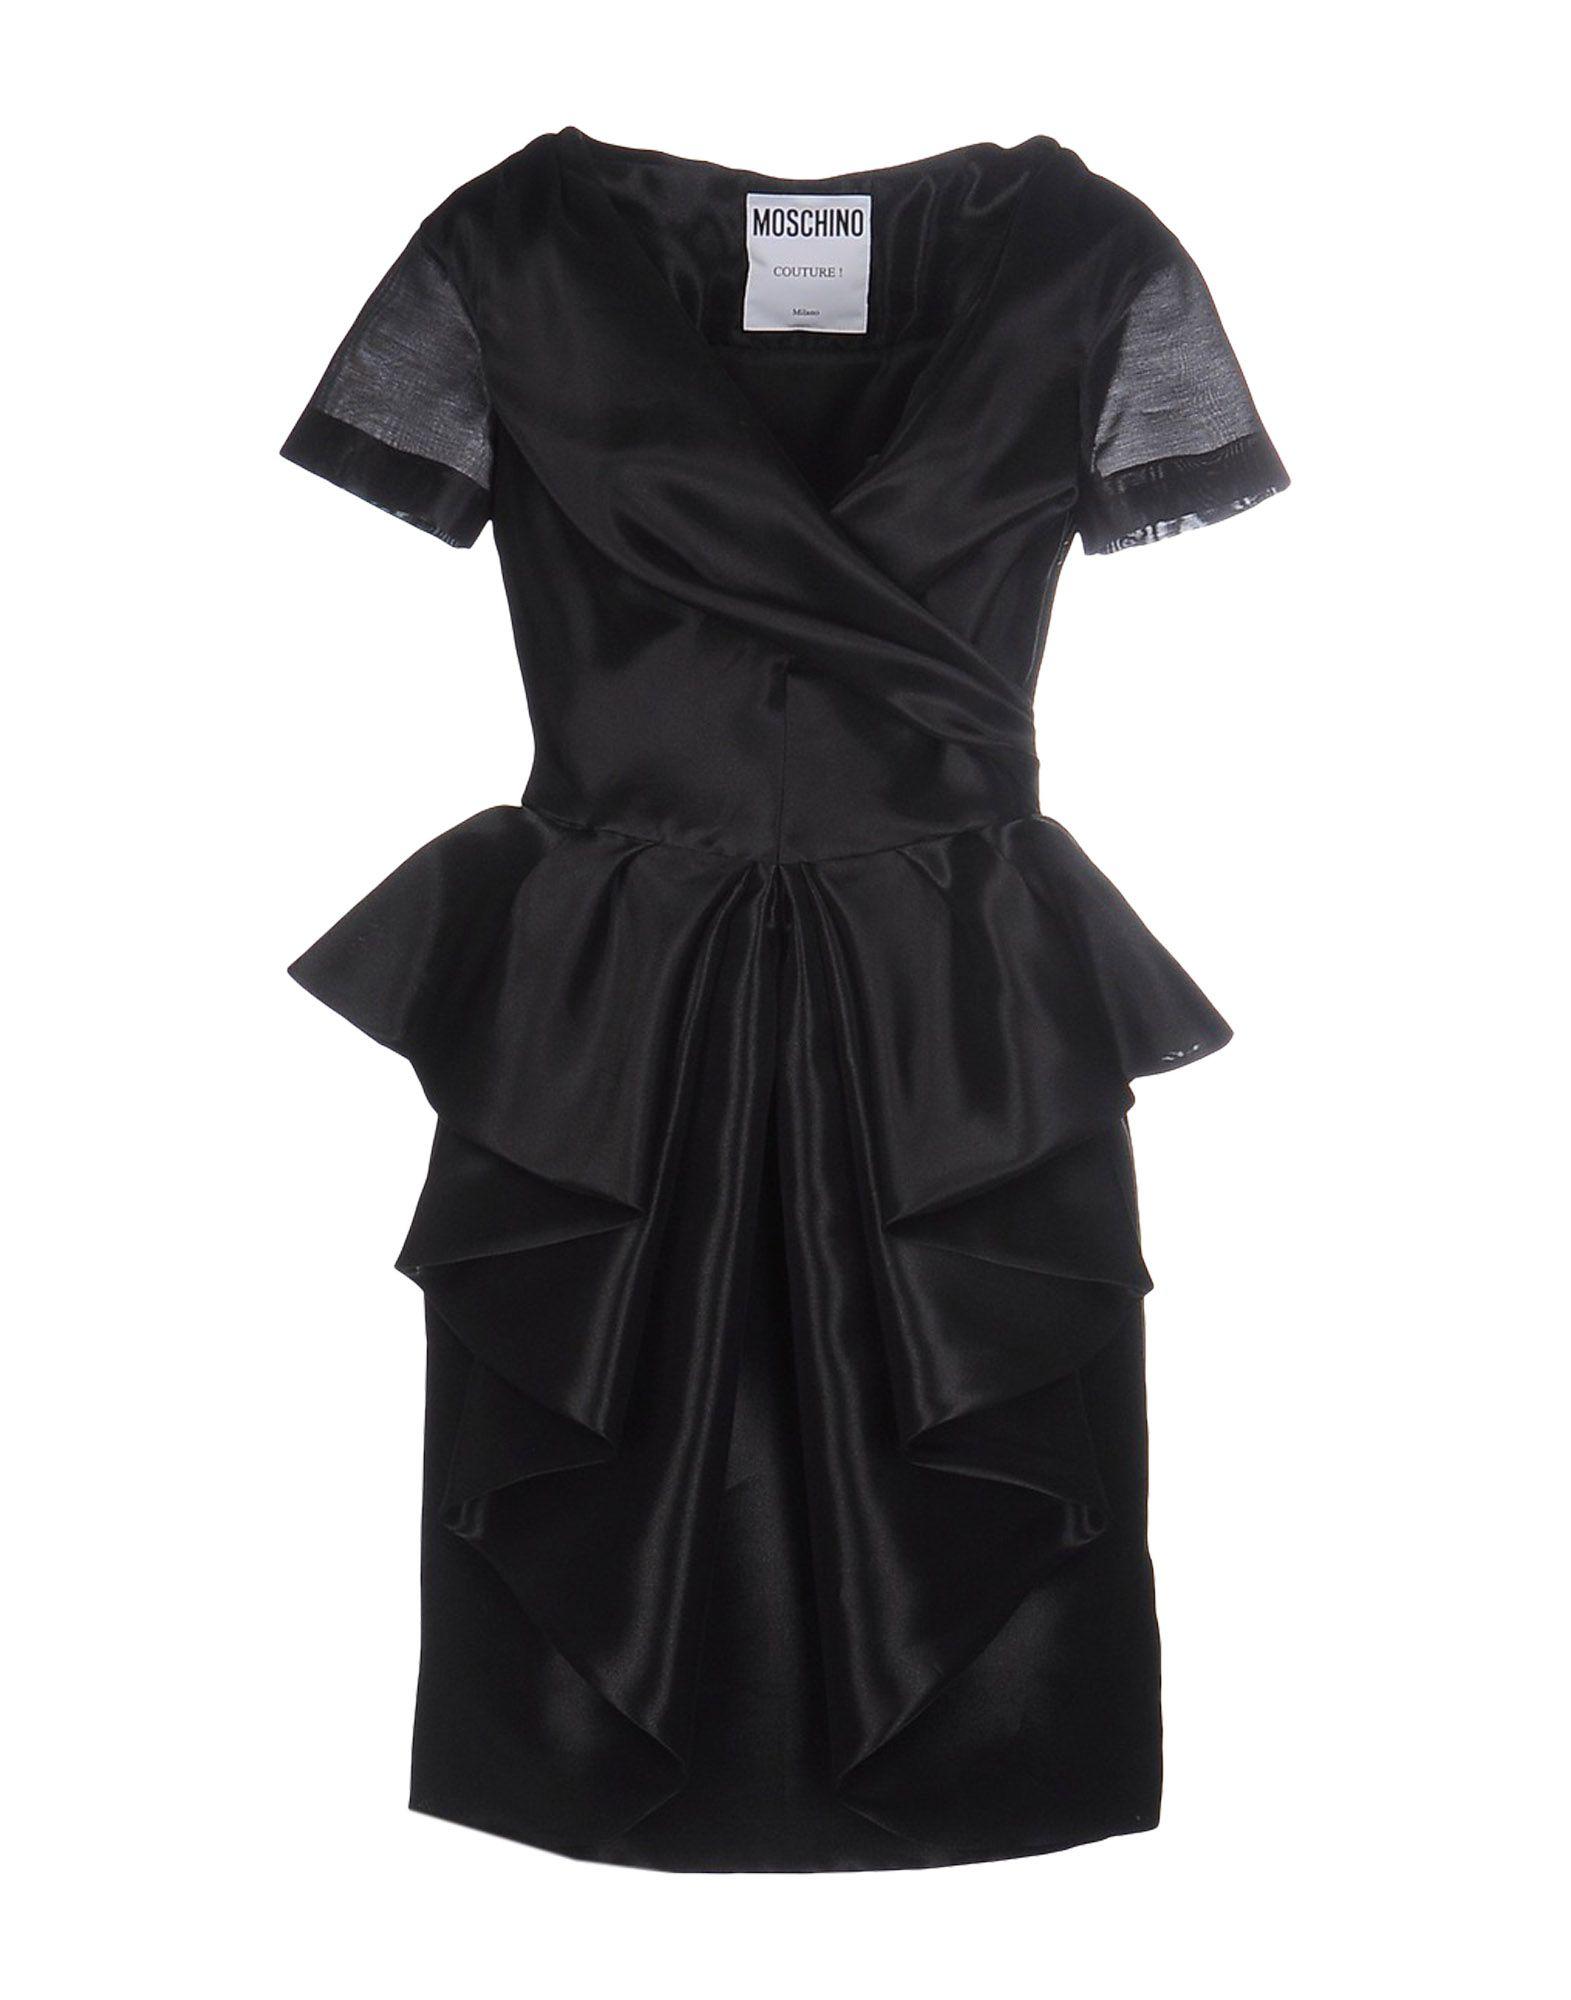 Vestito Corto Moschino Donna - Acquista online su KeRVoN